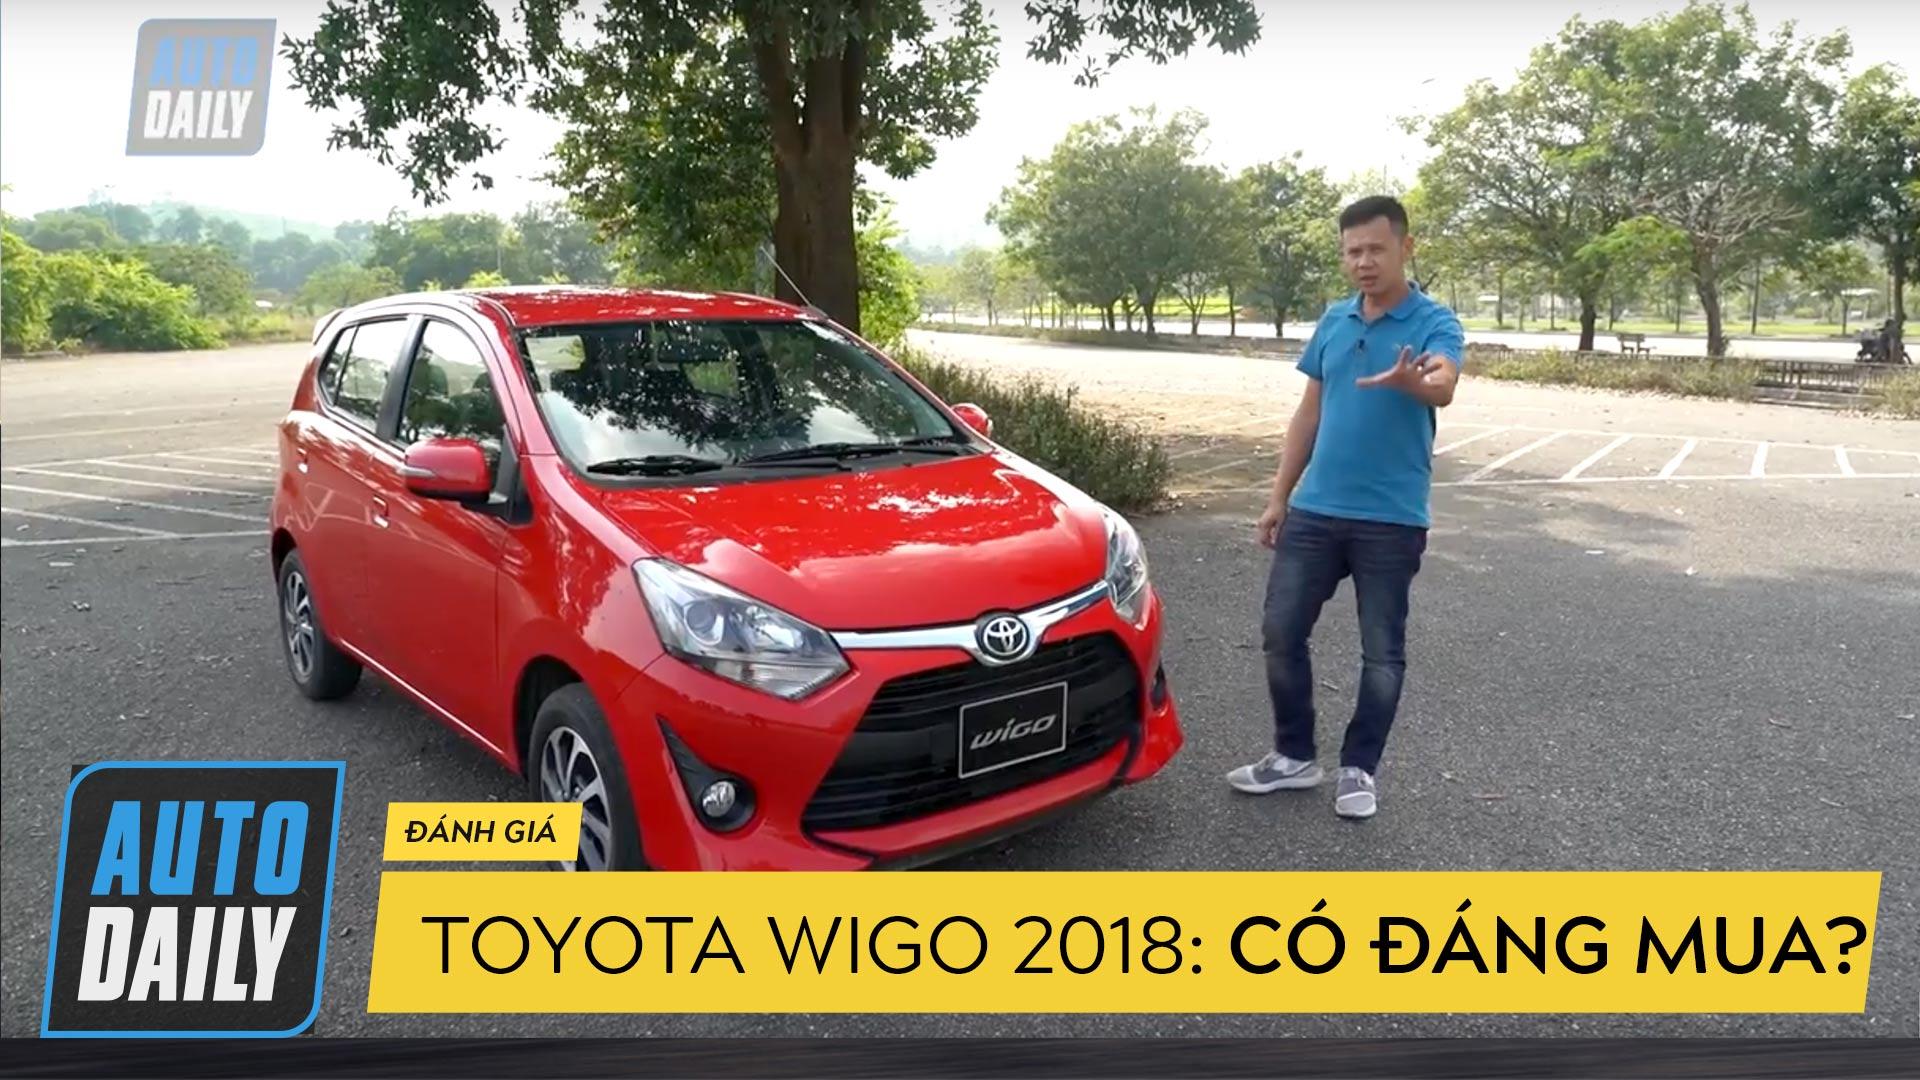 Toyota Wigo 2018 giá 405 triệu đồng có đáng mua?